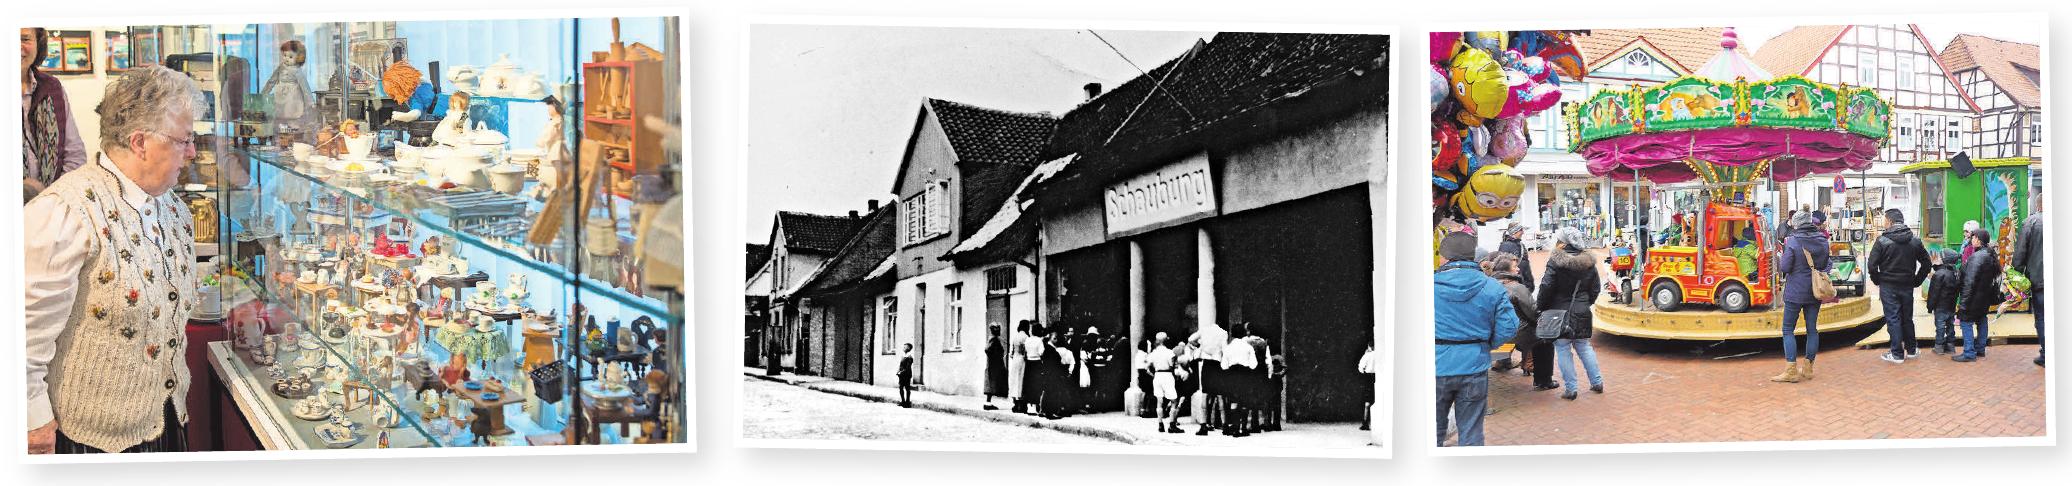 Kleine Bilder von links nach rechts: Die Besucher können sich außergewöhnliche Sammlungen in der Ausstellung im Stadtmuseum und eine Kinoschau in der KulturWerkStadt ansehen. Für Kinder steht auch ein Karussell bereit.